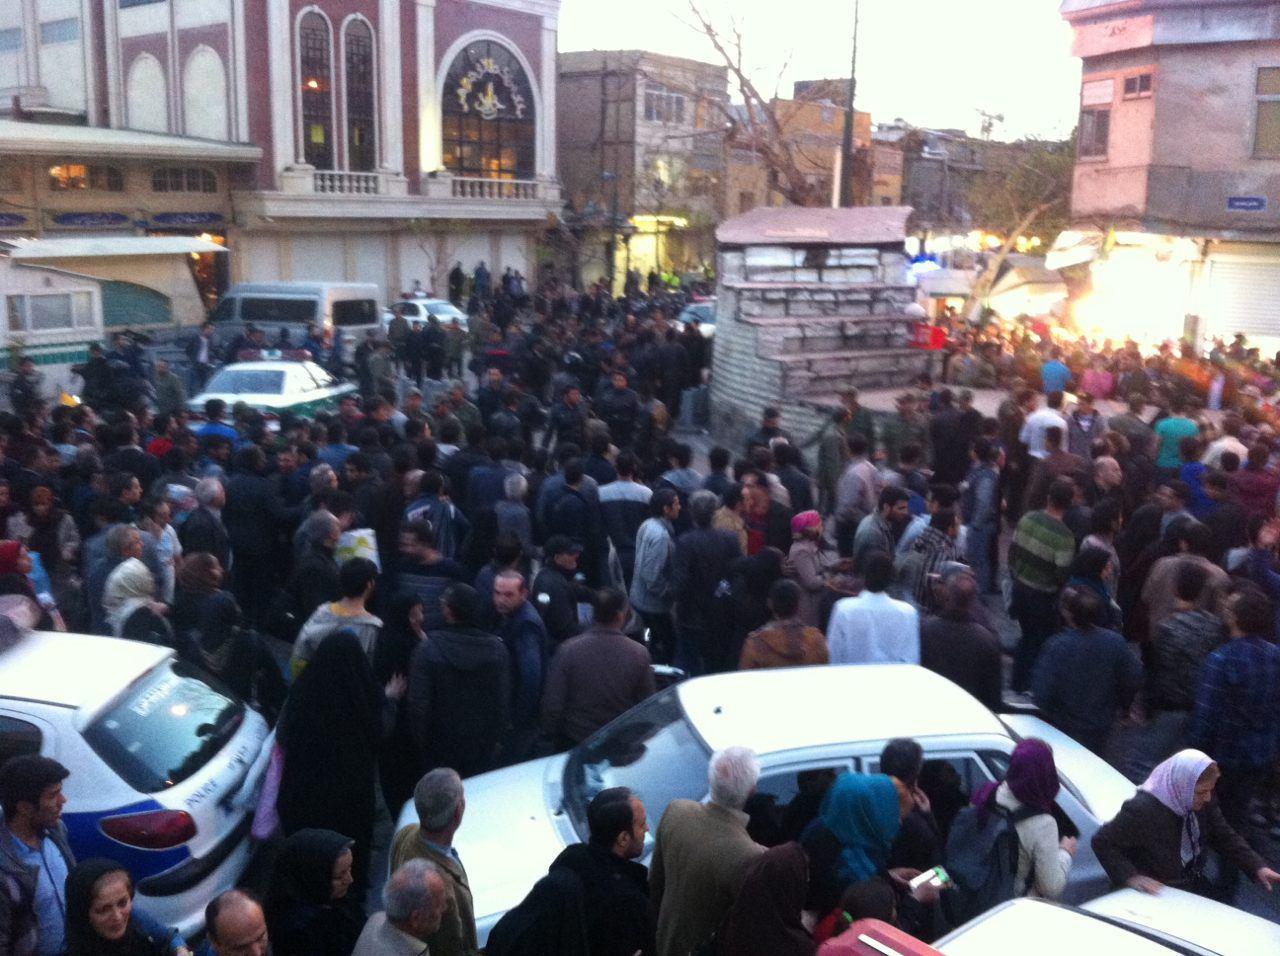 انفجار در پاساژ قیصریه بازار تهران/ 12 مجروح تاکنون